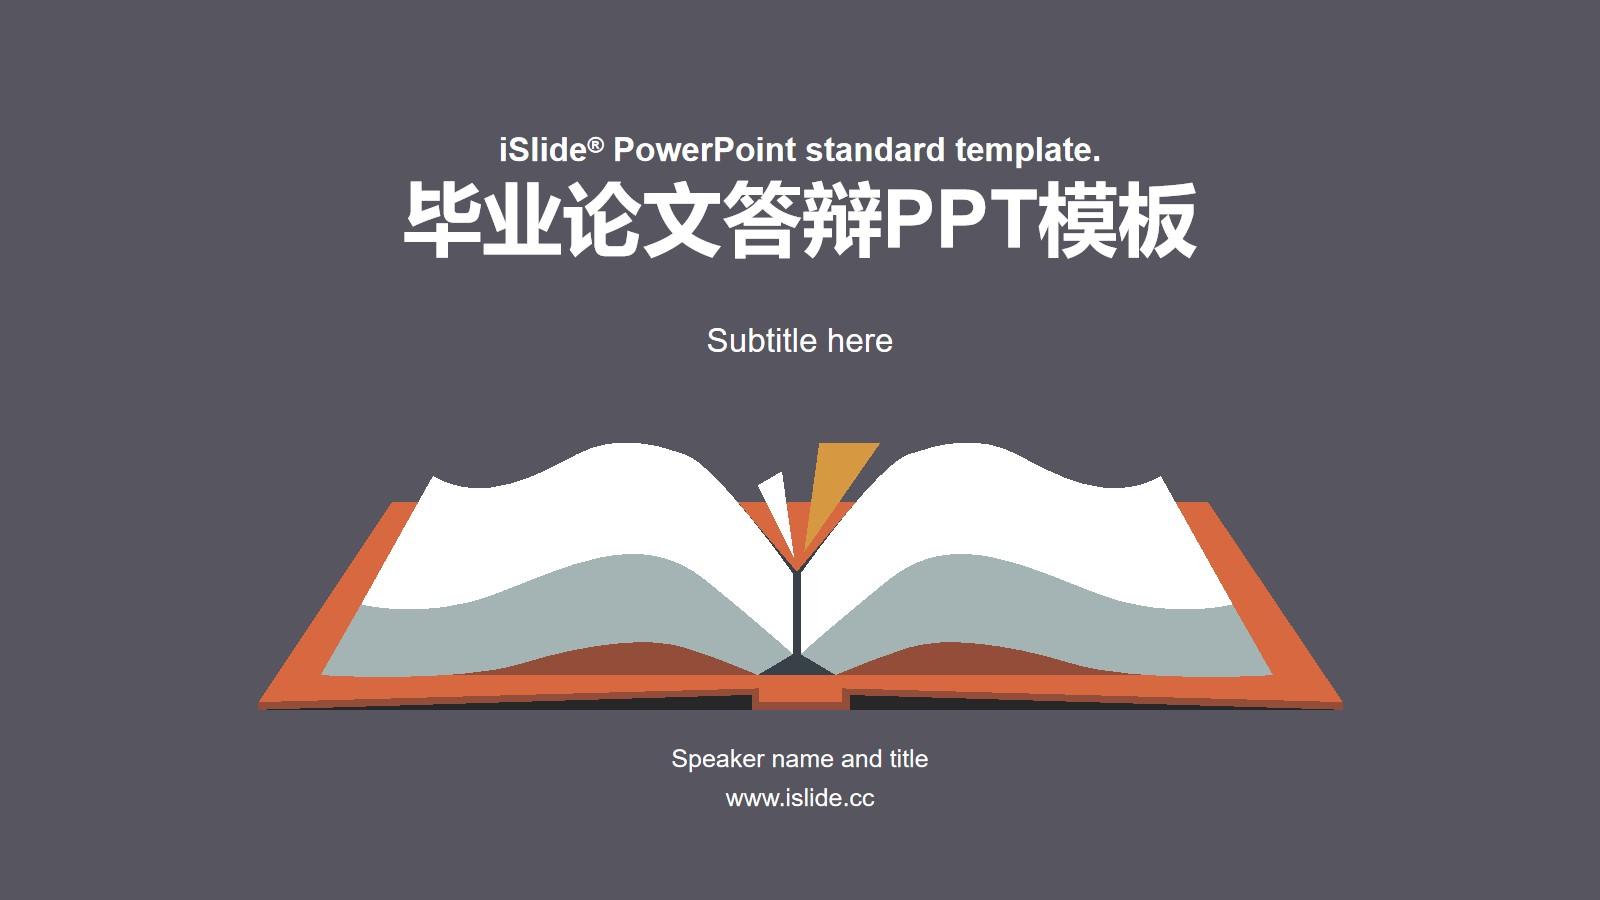 翻开的书籍封面精美实用卡通风论文答辩ppt模板